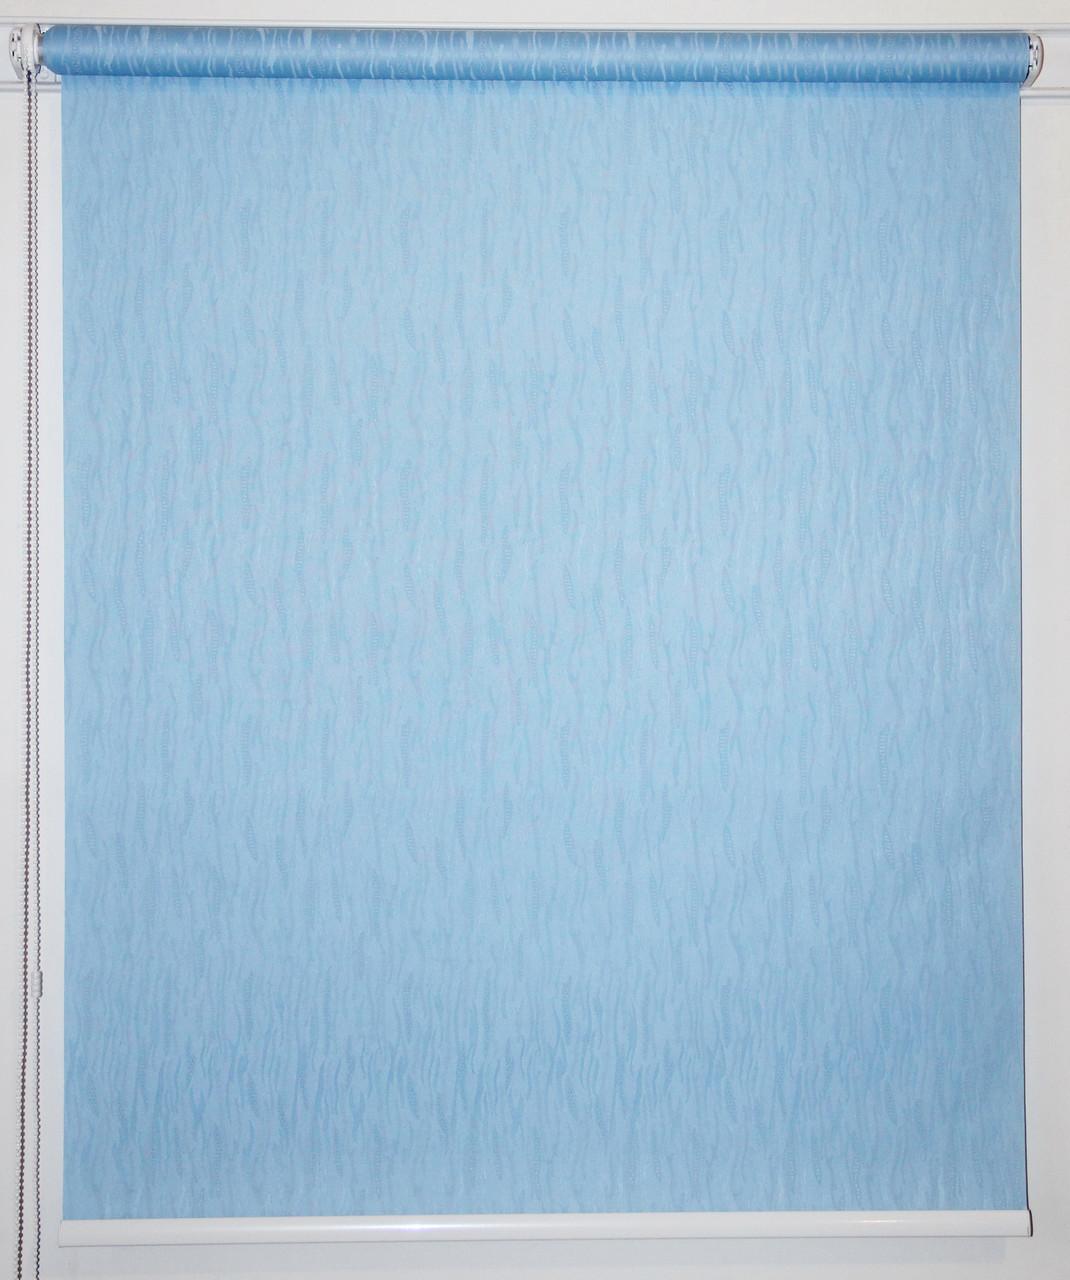 Готовые рулонные шторы 300*1500 Ткань Лазурь 2074 Голубой